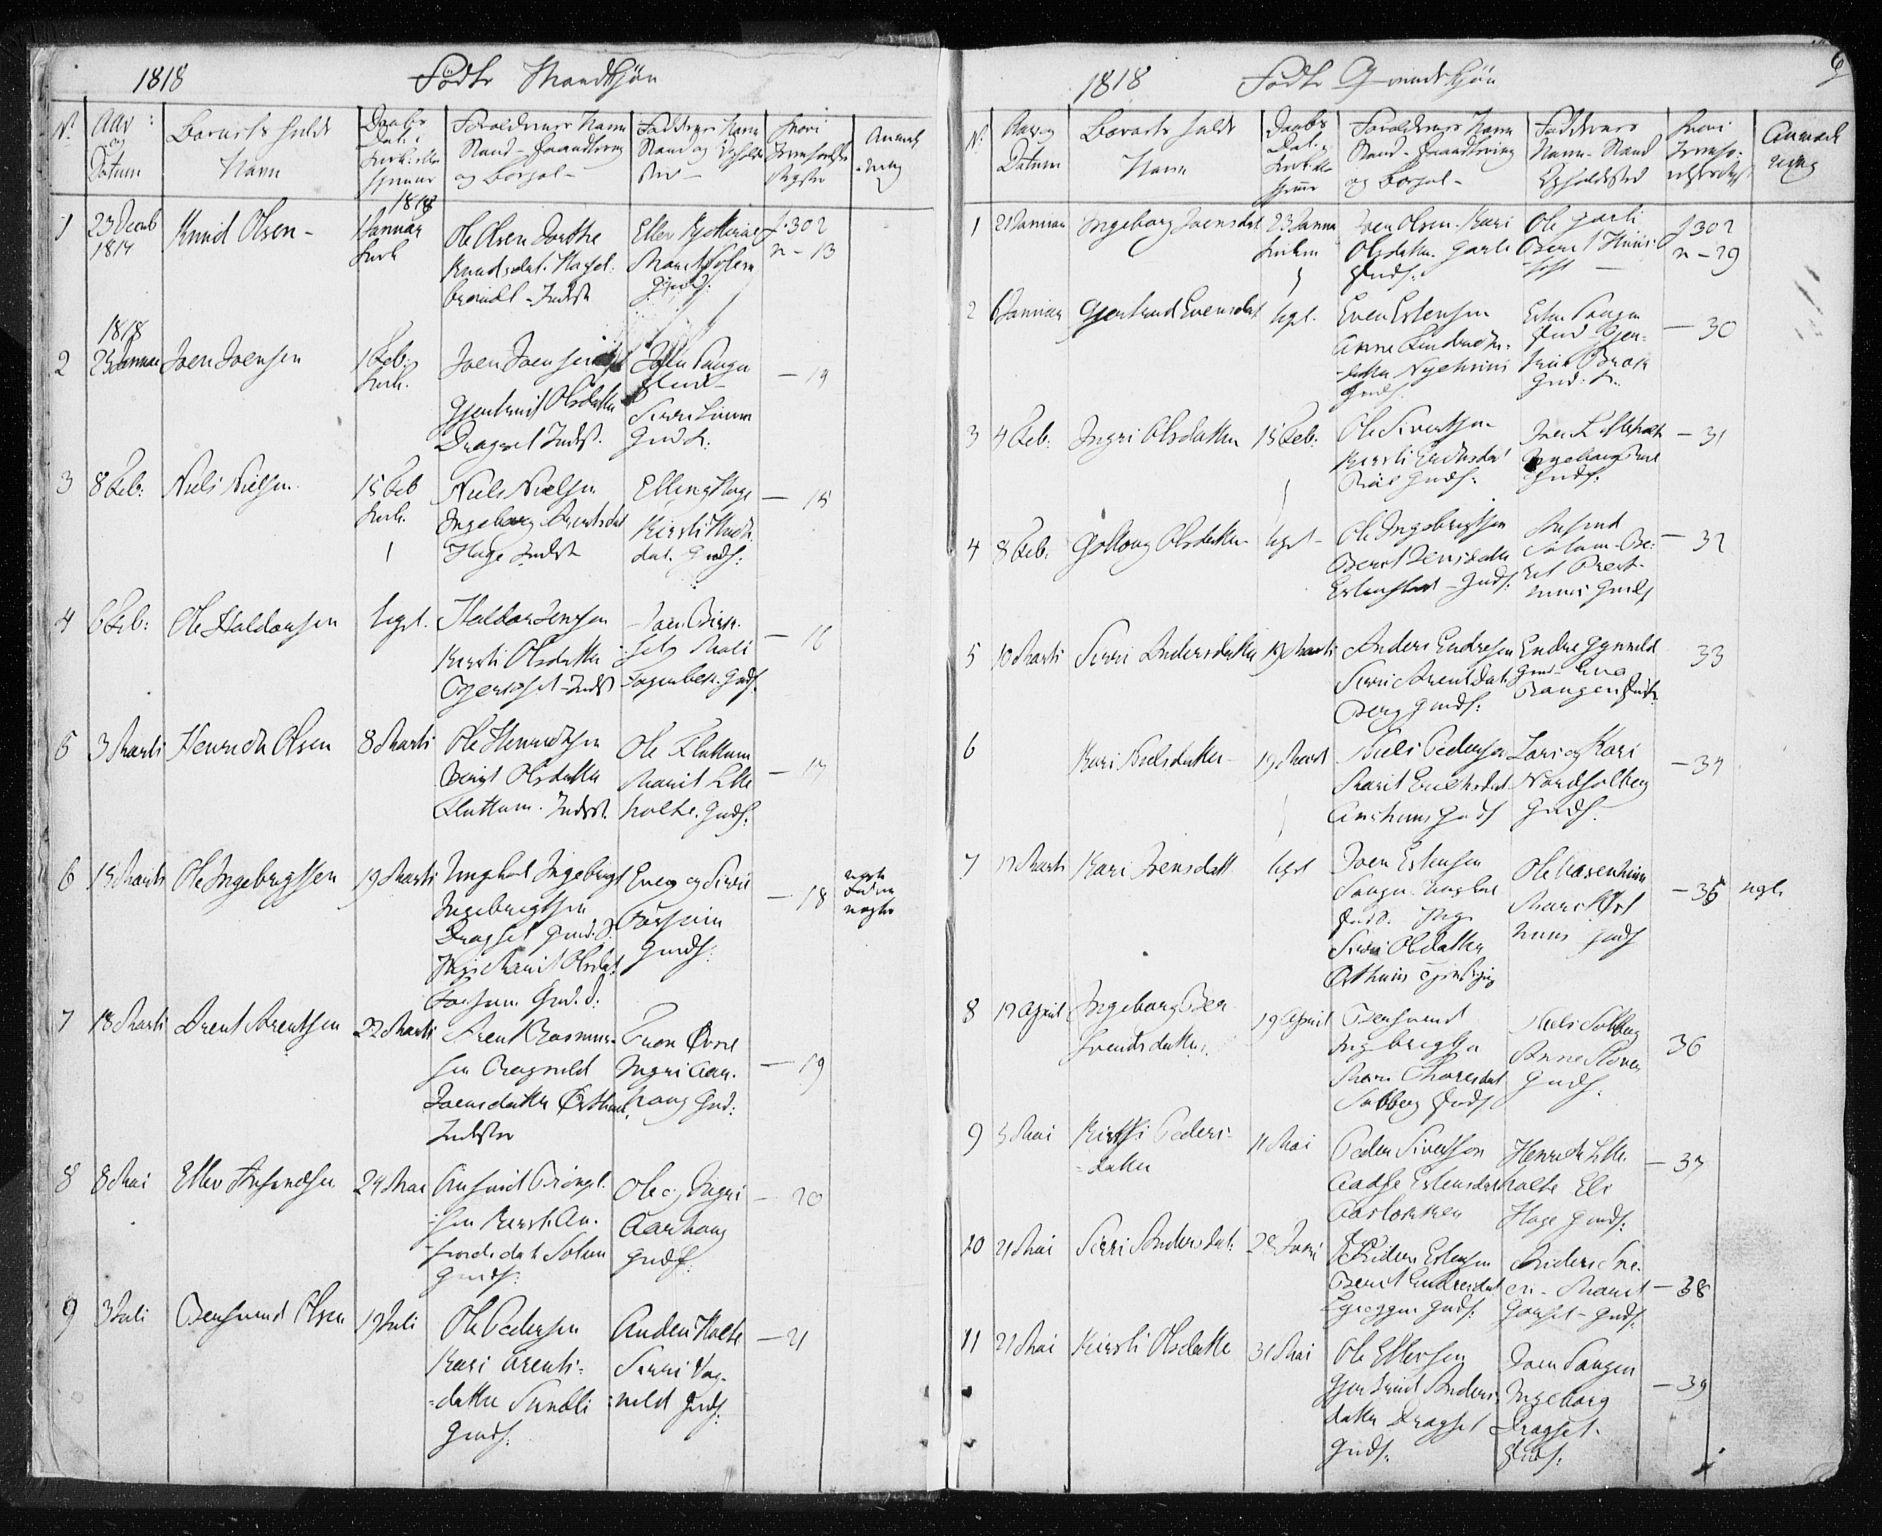 SAT, Ministerialprotokoller, klokkerbøker og fødselsregistre - Sør-Trøndelag, 689/L1043: Klokkerbok nr. 689C02, 1816-1892, s. 6